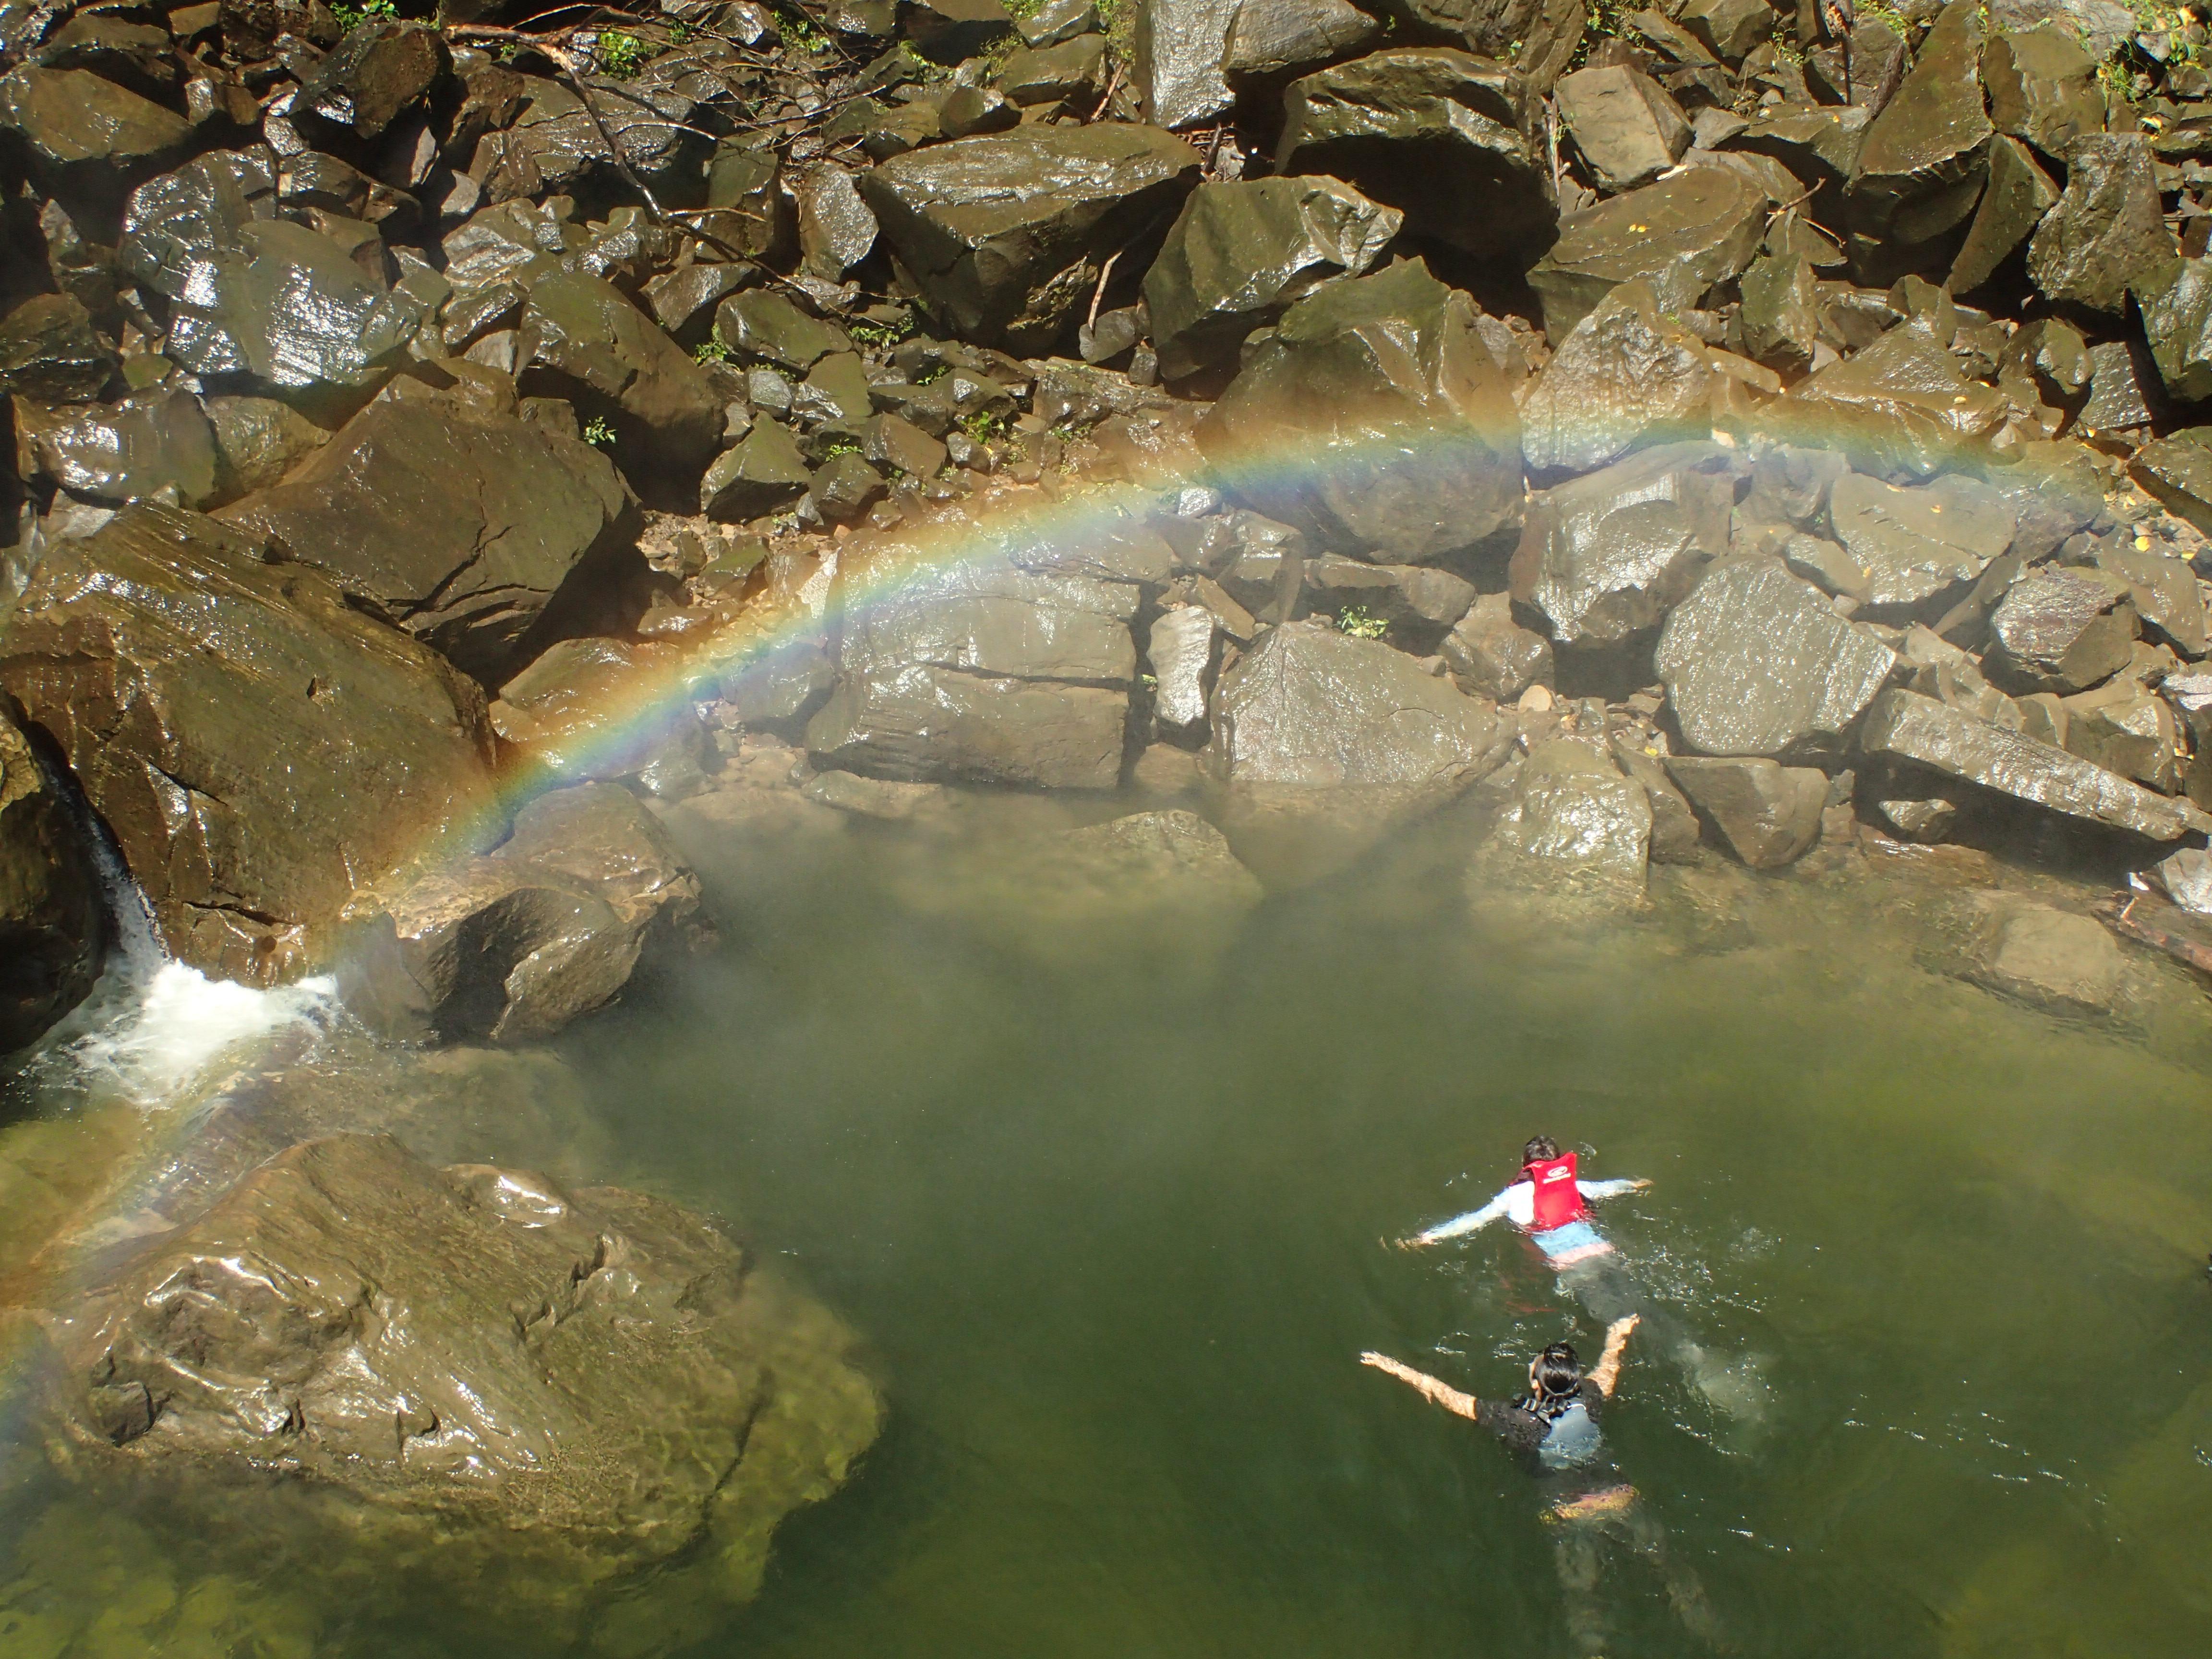 西表島からカヌーで行くピナイサーラの滝つぼツアー